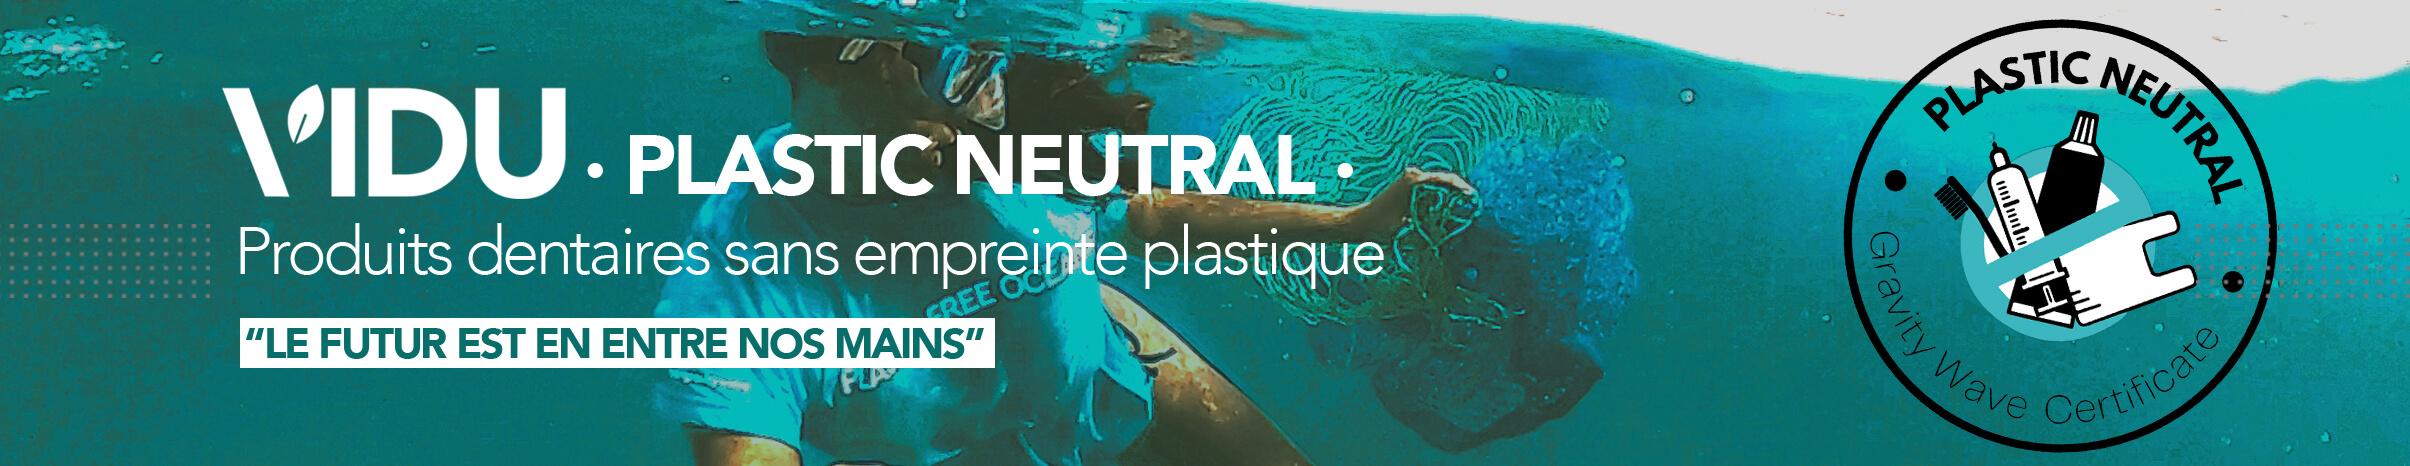 VIDU nueva marca plastic neutral de productos dentales ecológicos